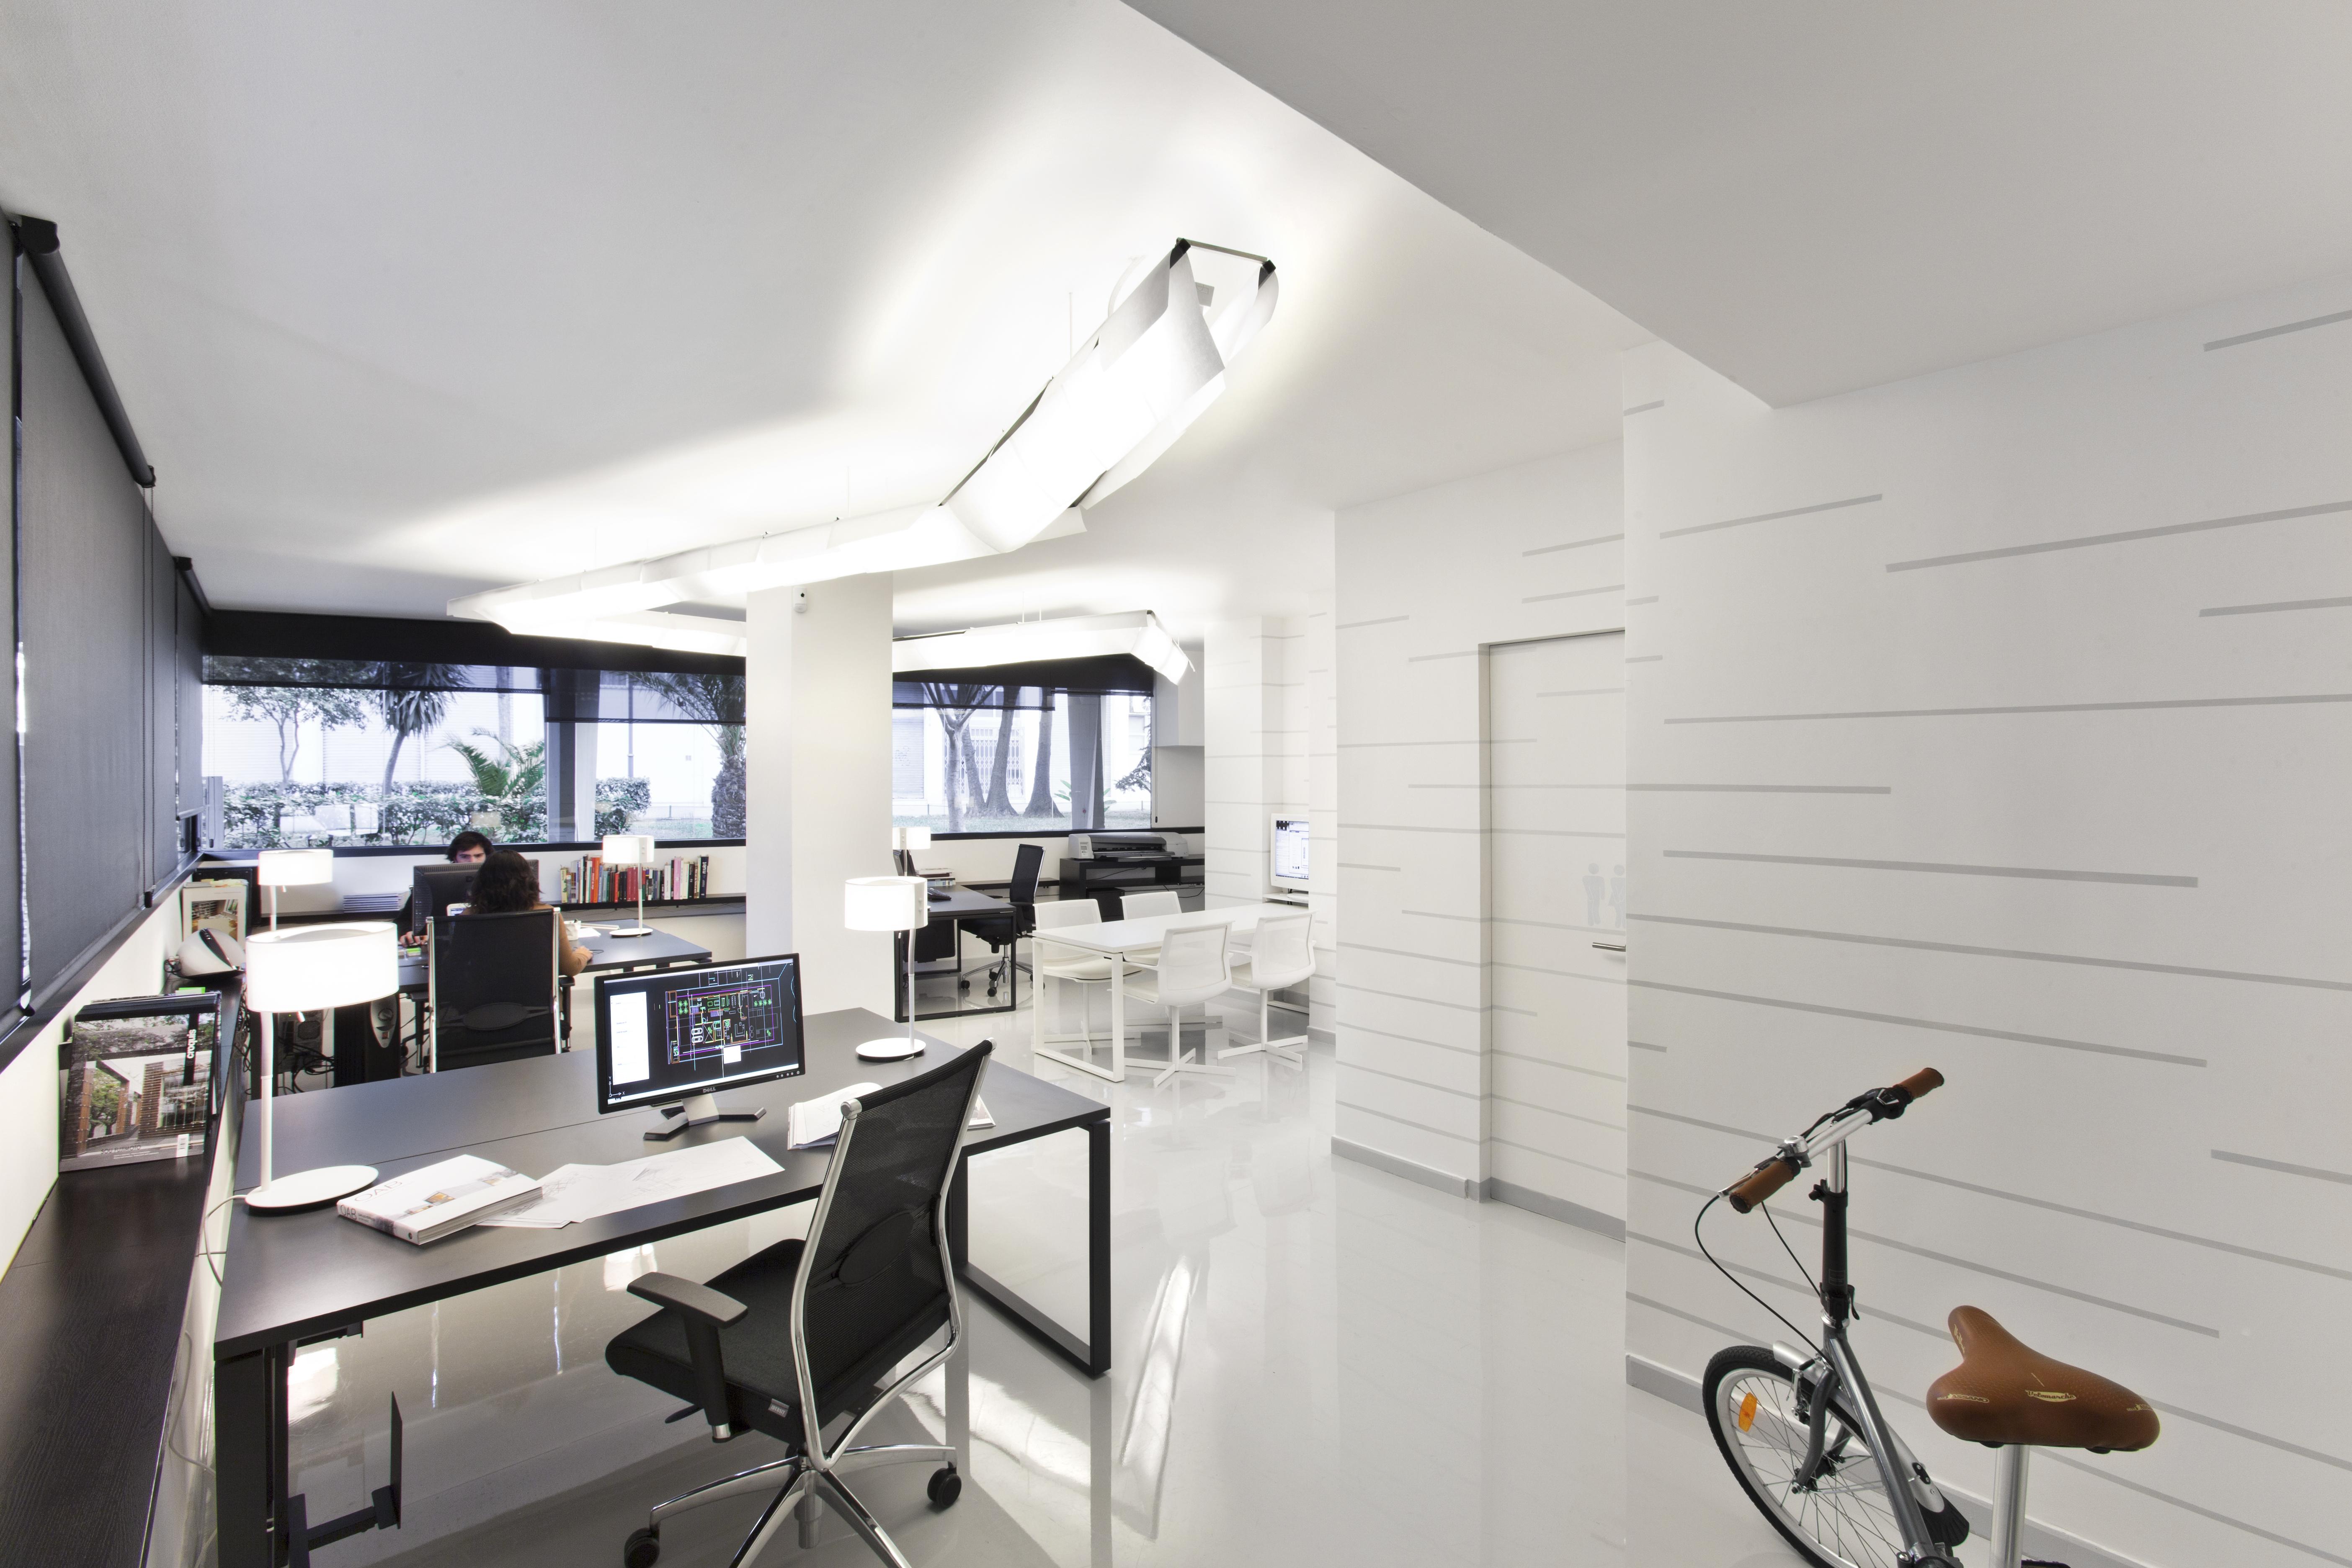 Dom studio dom arquitectura - Trabajo arquitecto barcelona ...